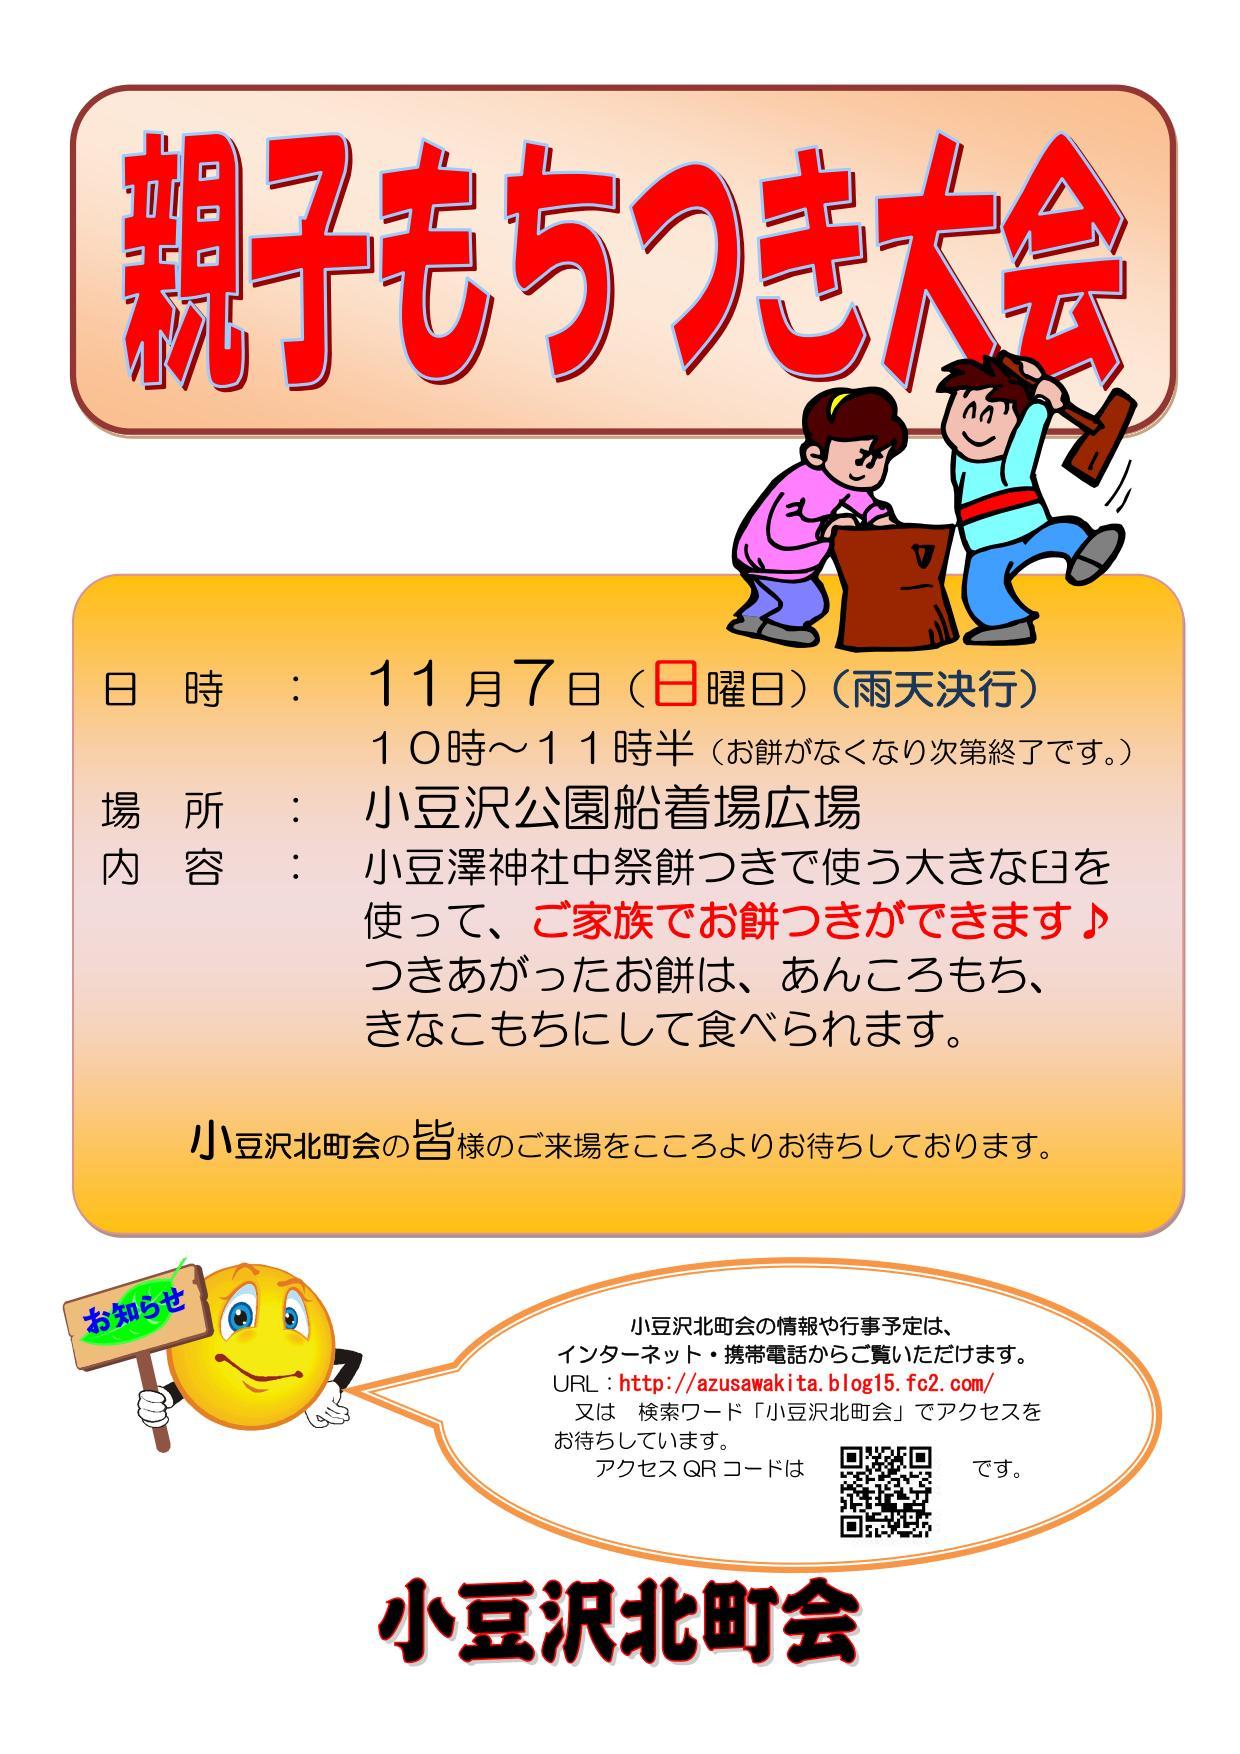 2010-11-07親子餅つき大会お知らせ